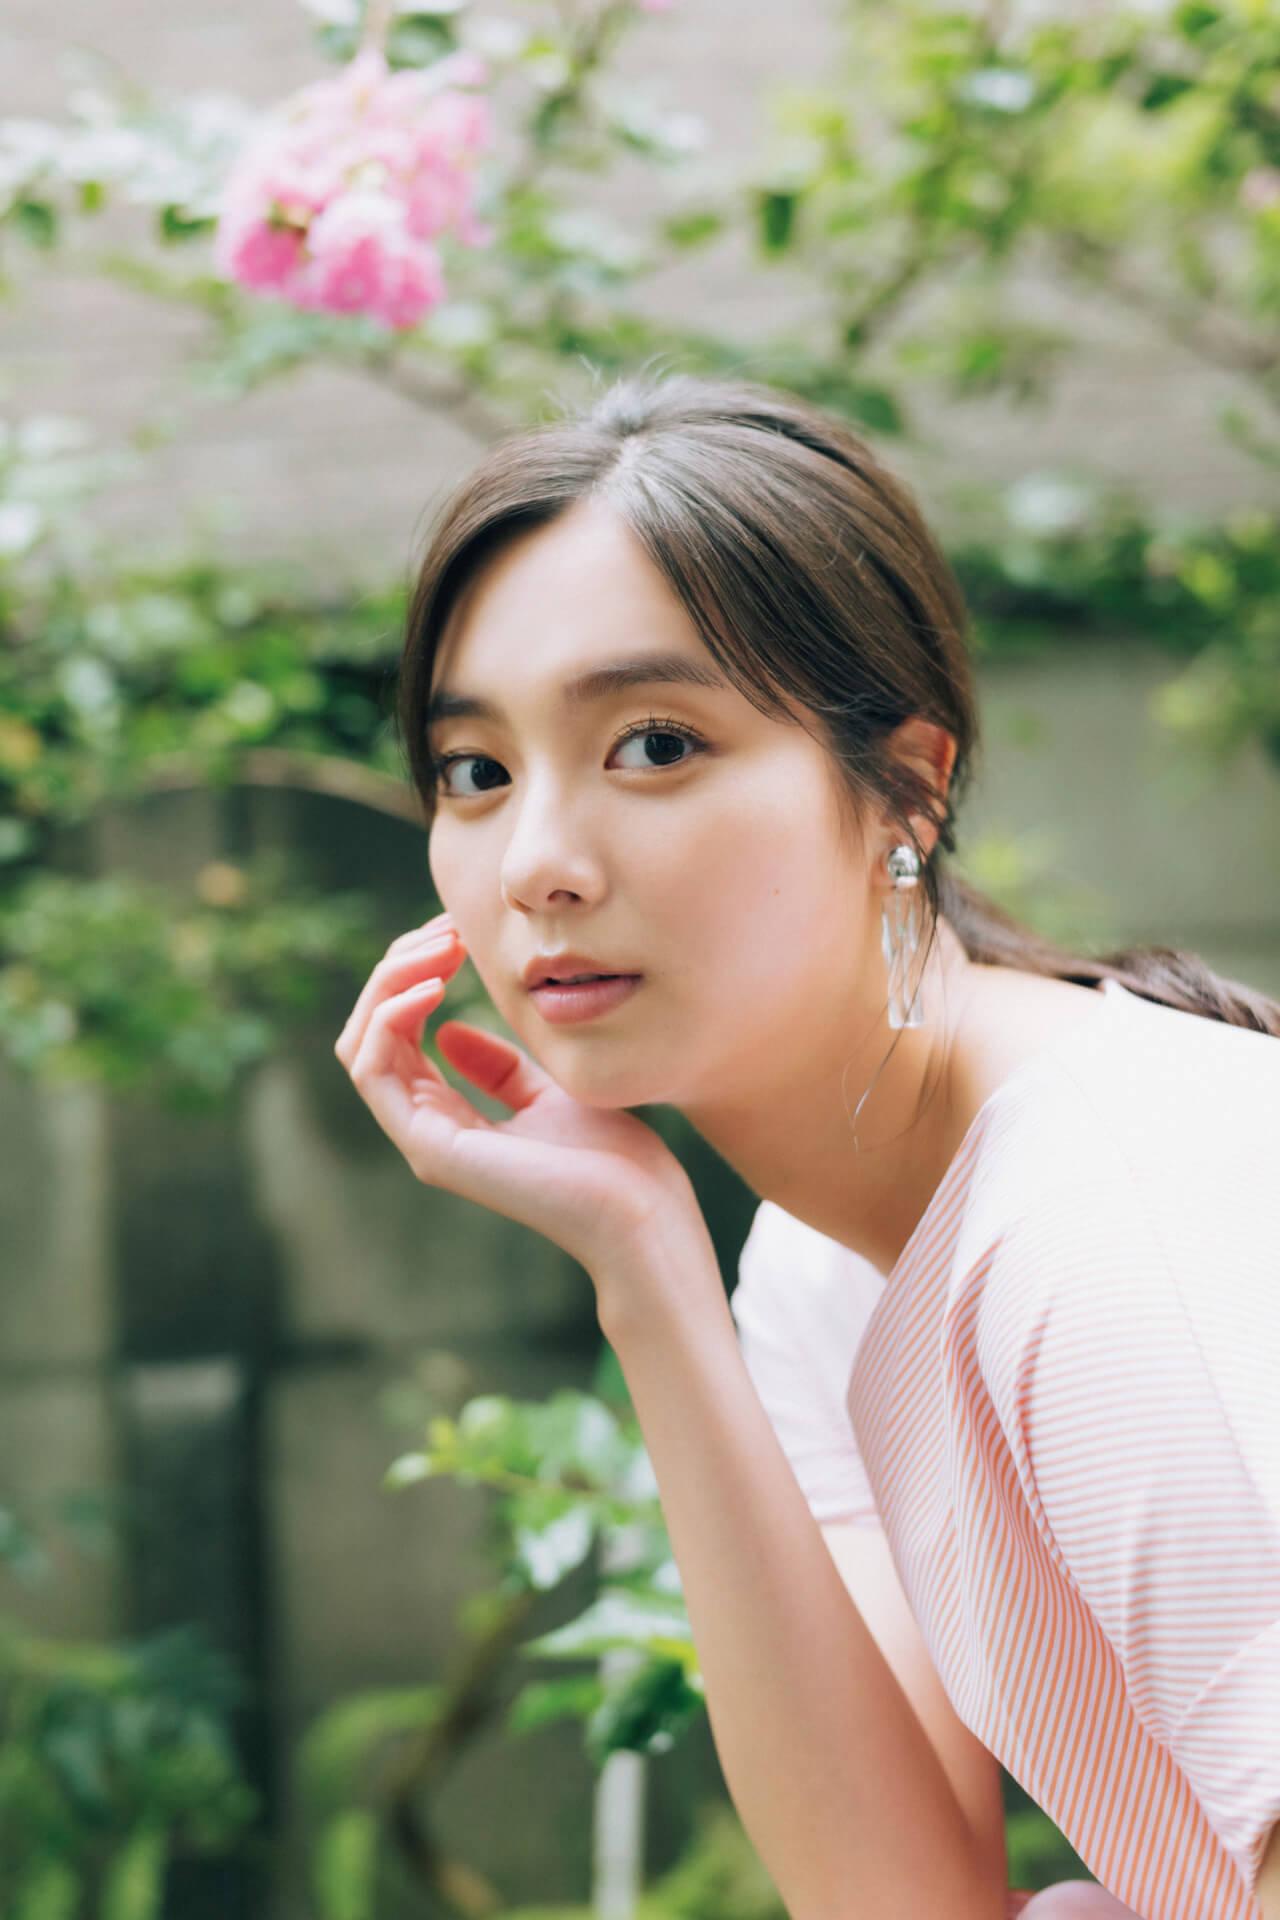 今週号『FLASH』にはアダルトなセクシーさで魅了する大石絵理の女子旅グラビアがたっぷり収録!表紙には新川優愛が登場 art201201_flash_1